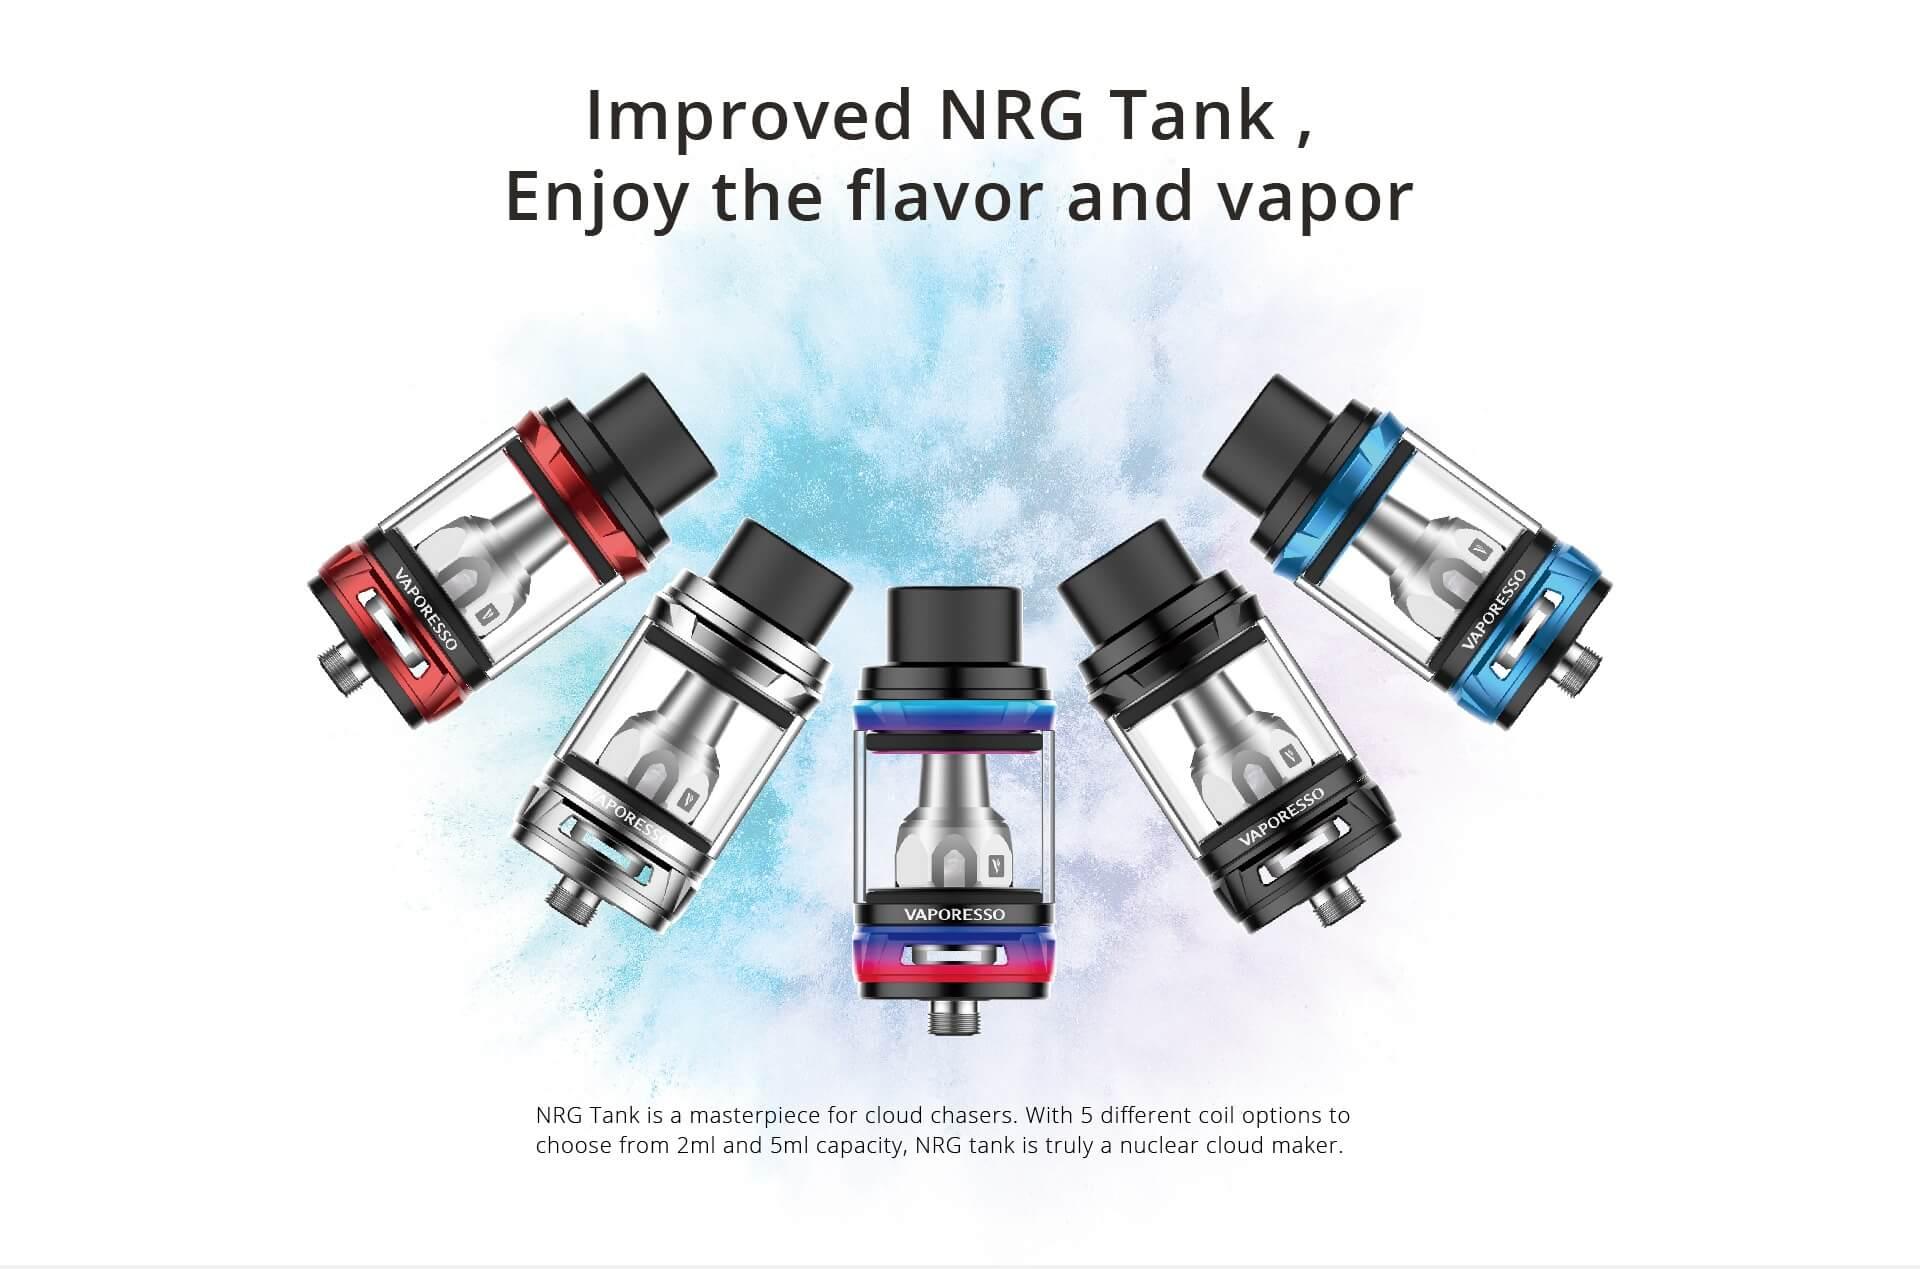 revenger_x_nrg_tank_1.jpg